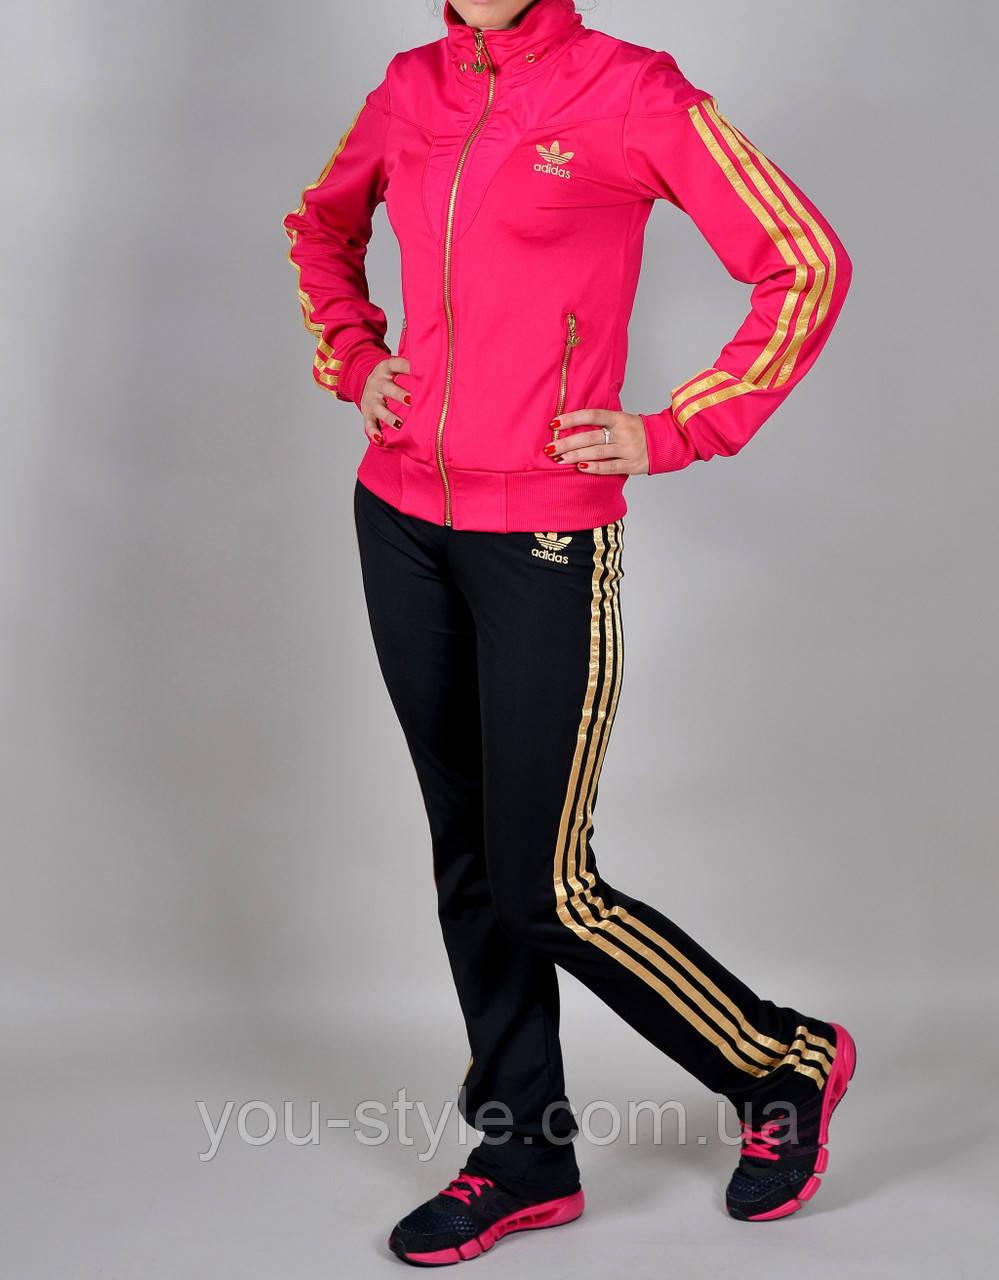 розовый спортивный костюм адидас